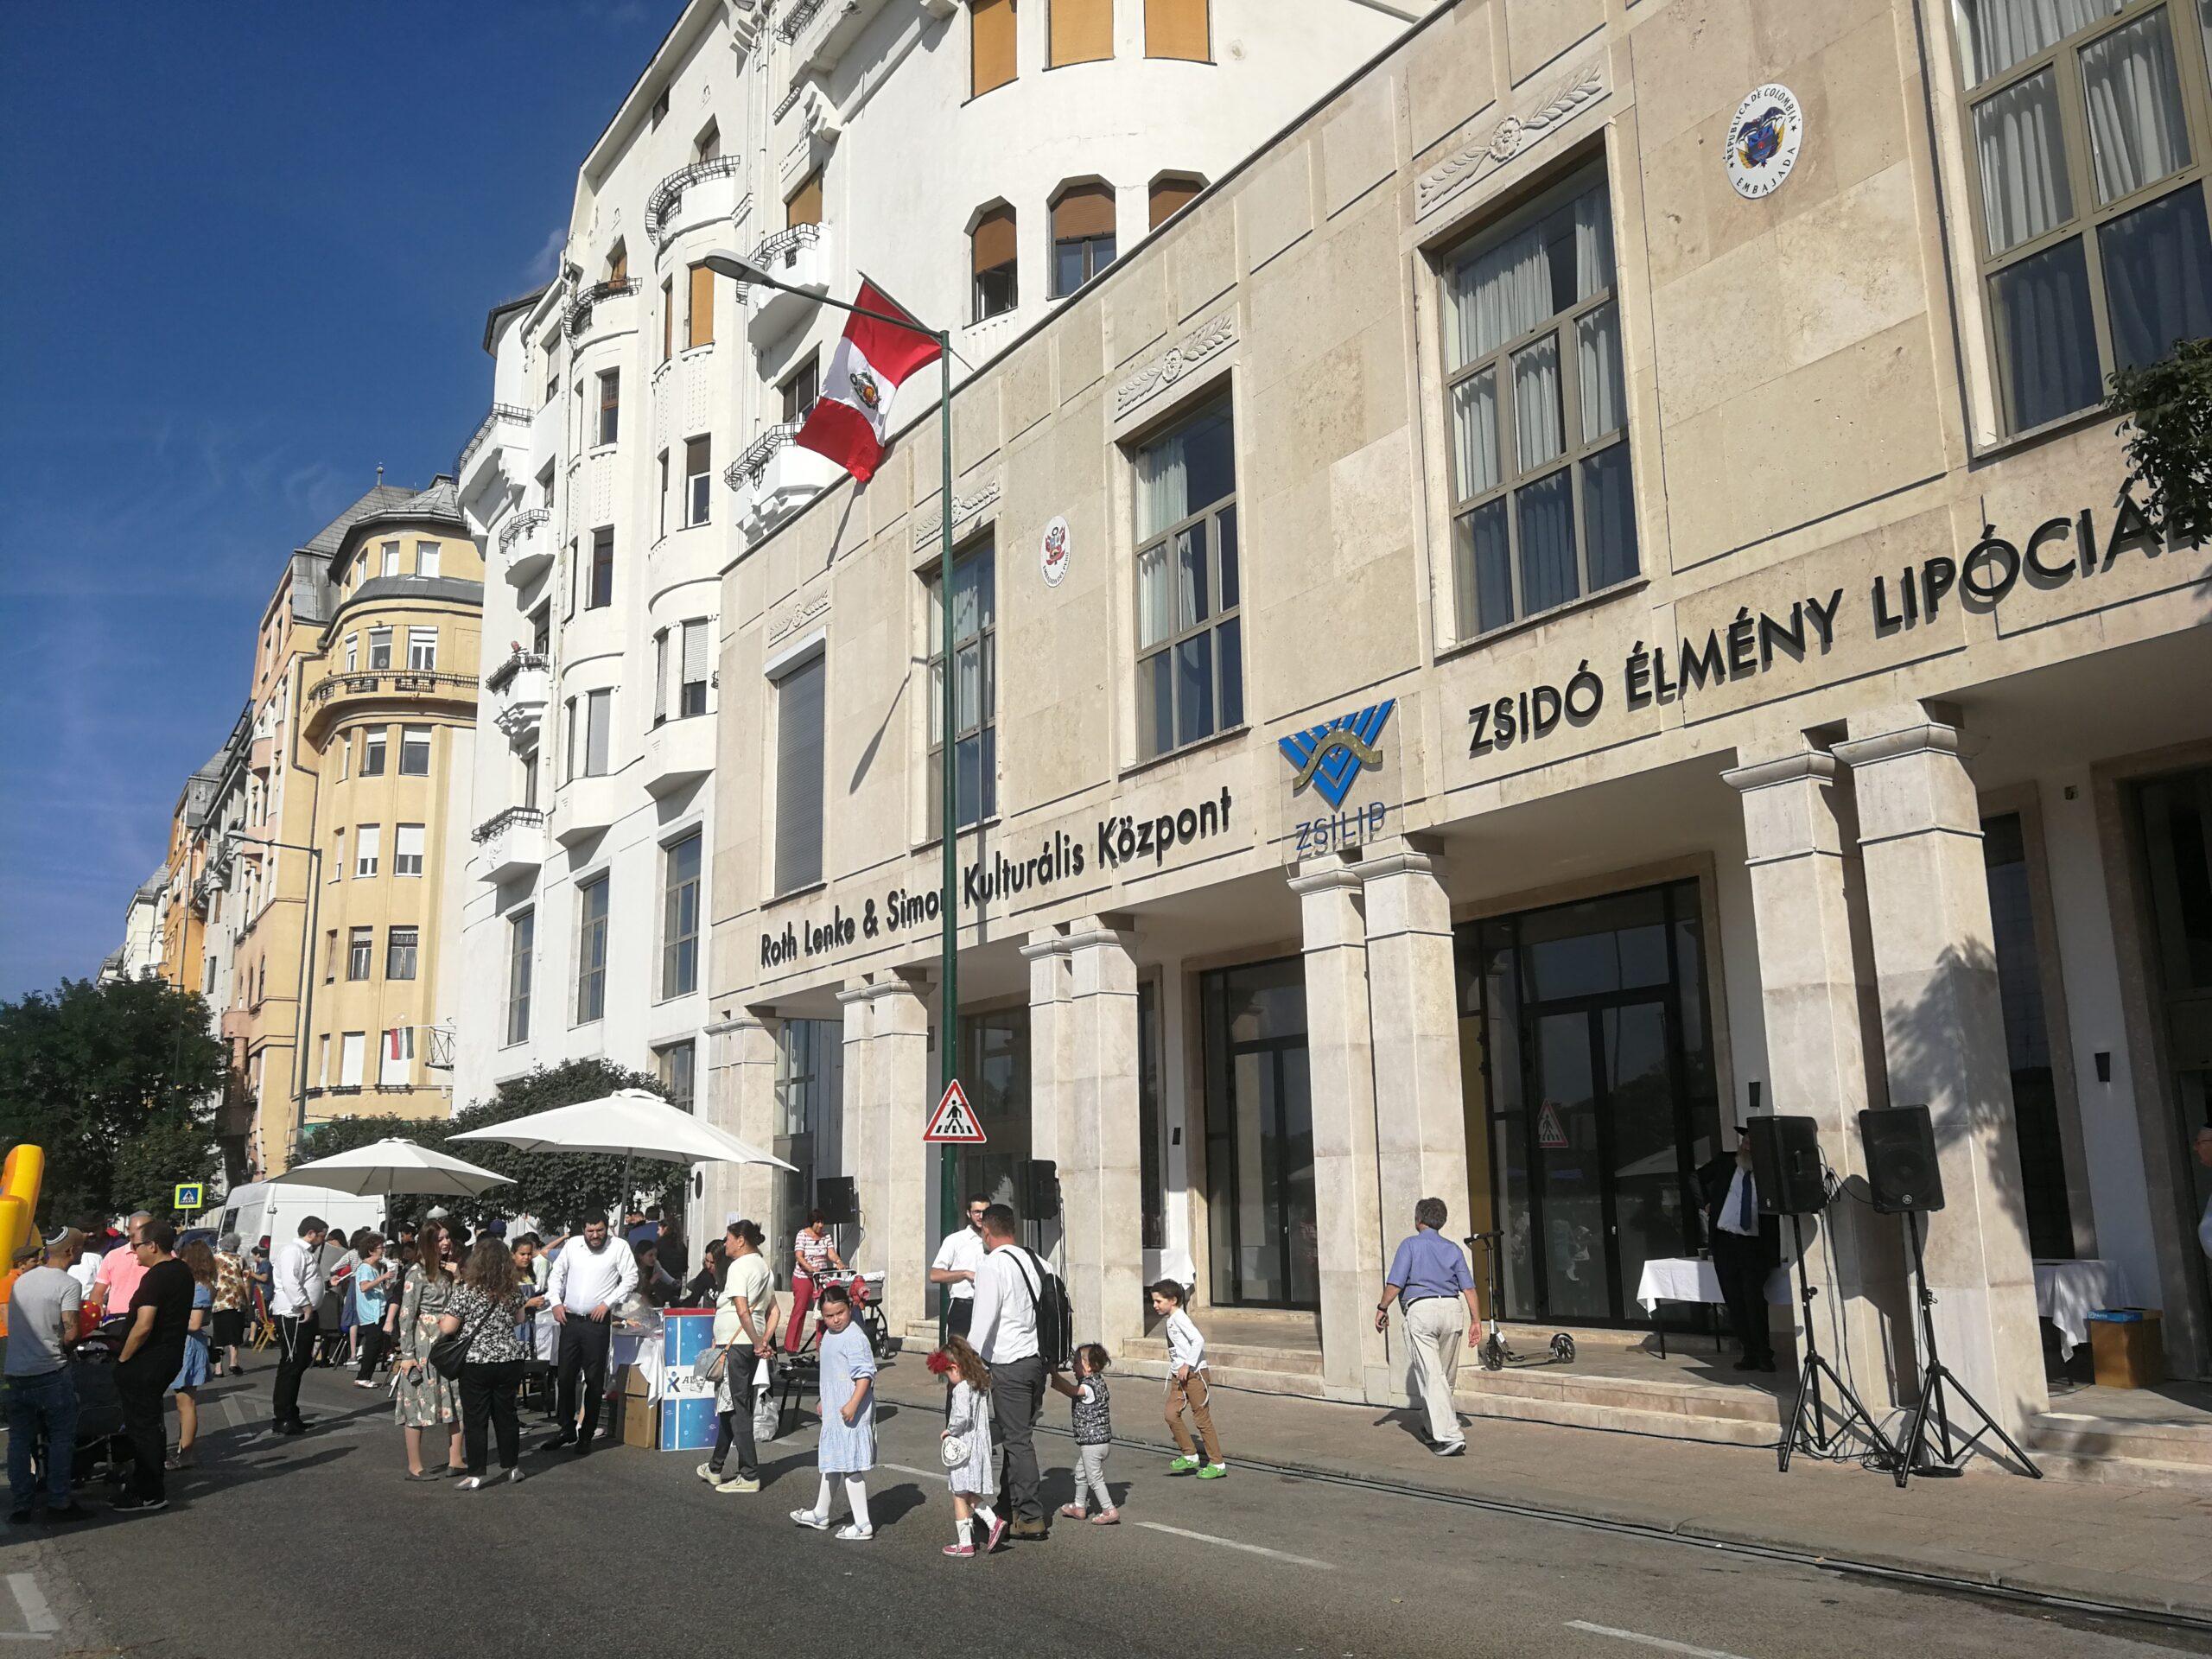 Megynyílt a Zsilip, Budapest legújabb zsidó kulturális központja – VIDEÓ